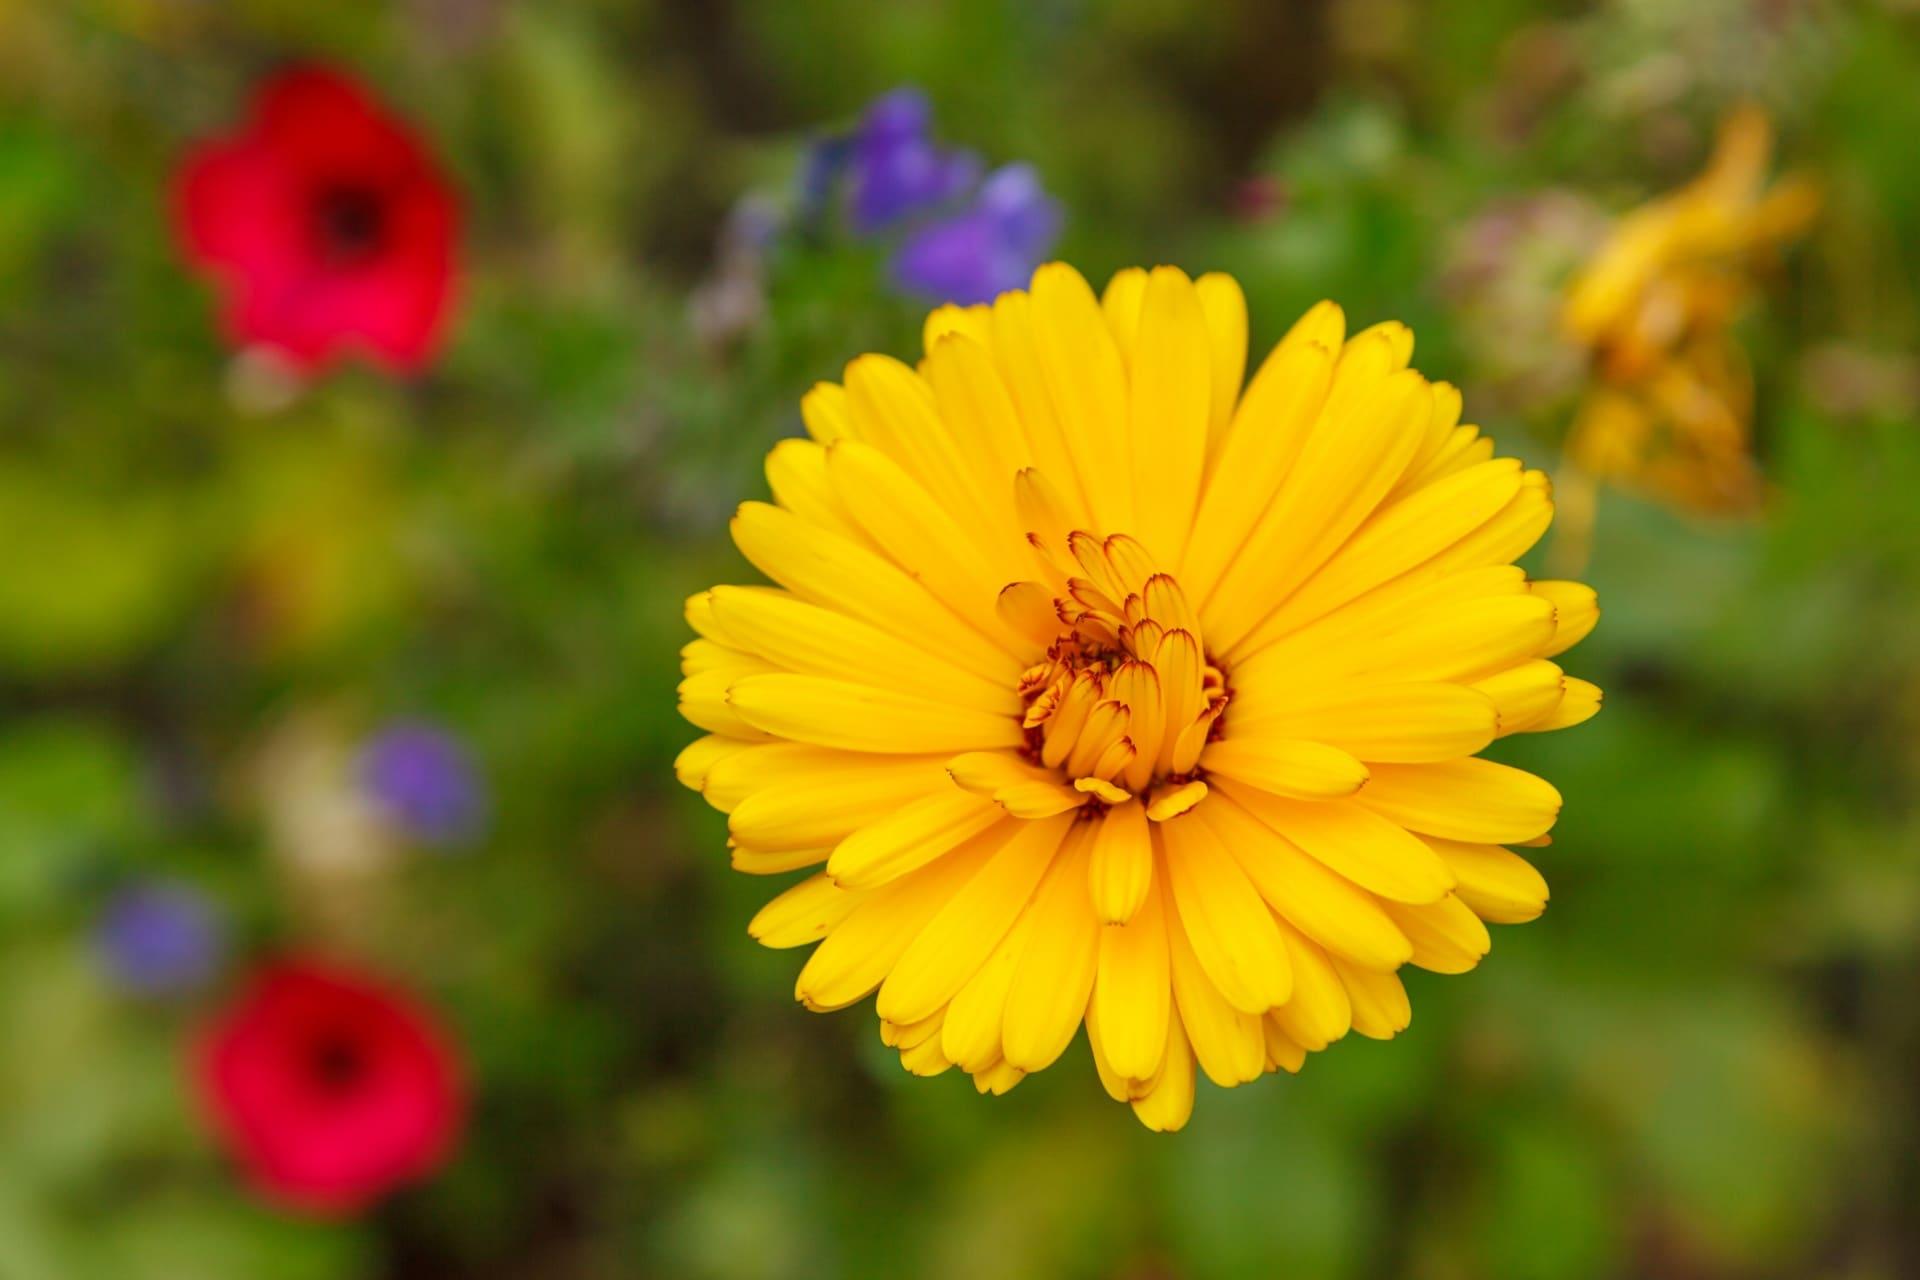 Las flores amarillas son muy decorativas